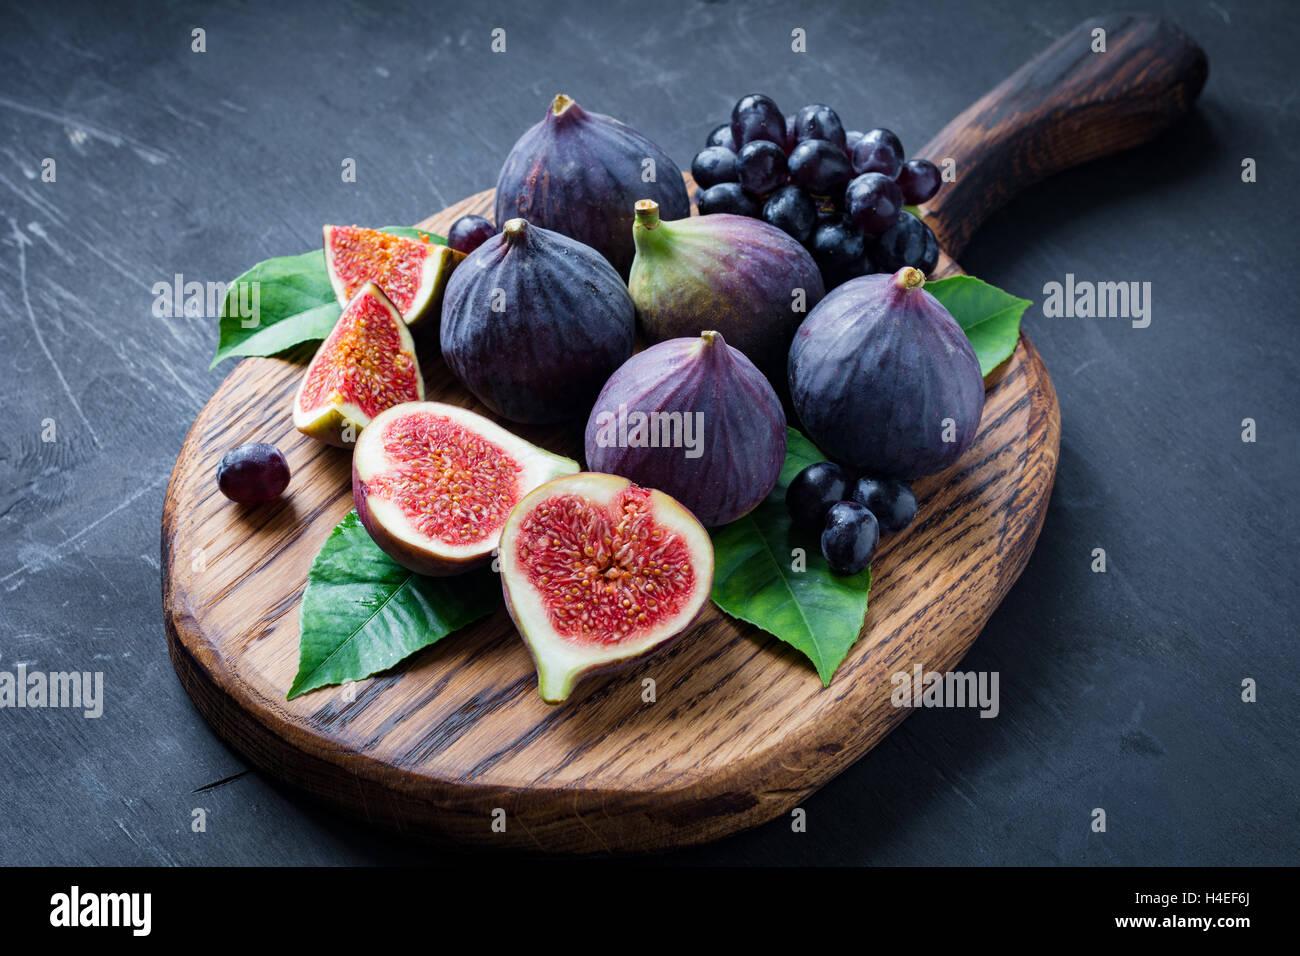 Obst-Teller: frische Feigen und schwarzen Trauben 'Isabella' auf Holzbrett. Horizontale Stockbild